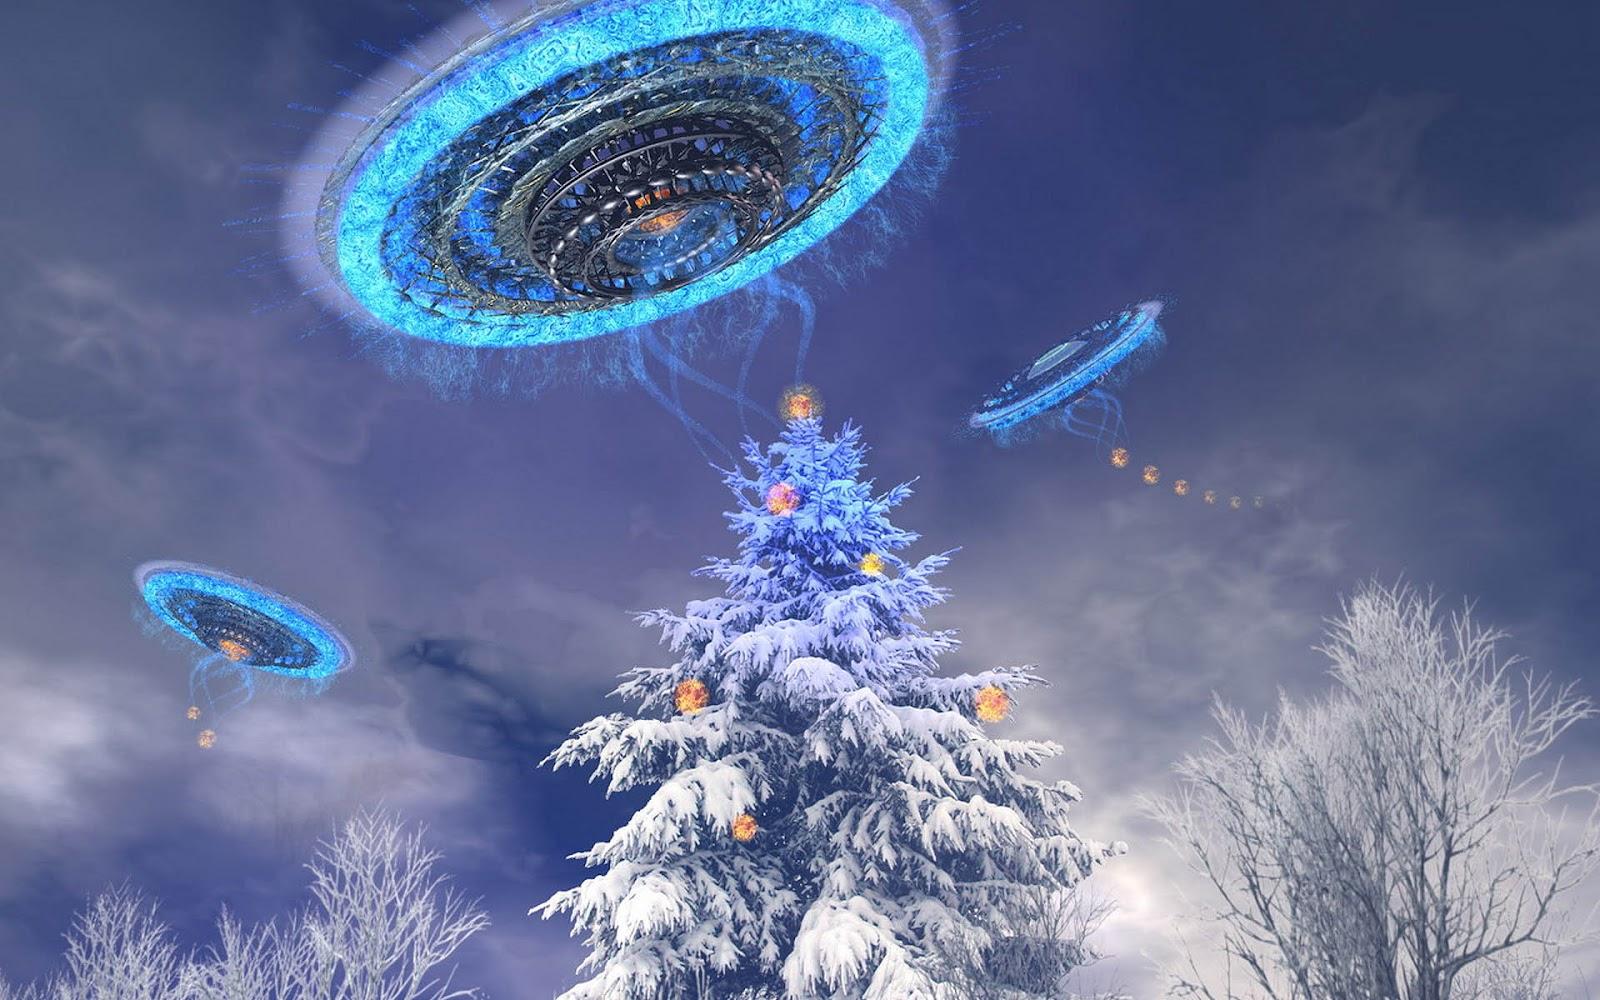 s1600hd 3d ufo achtergrond in de winter hd ufo wallpaperjpg 1600x1000